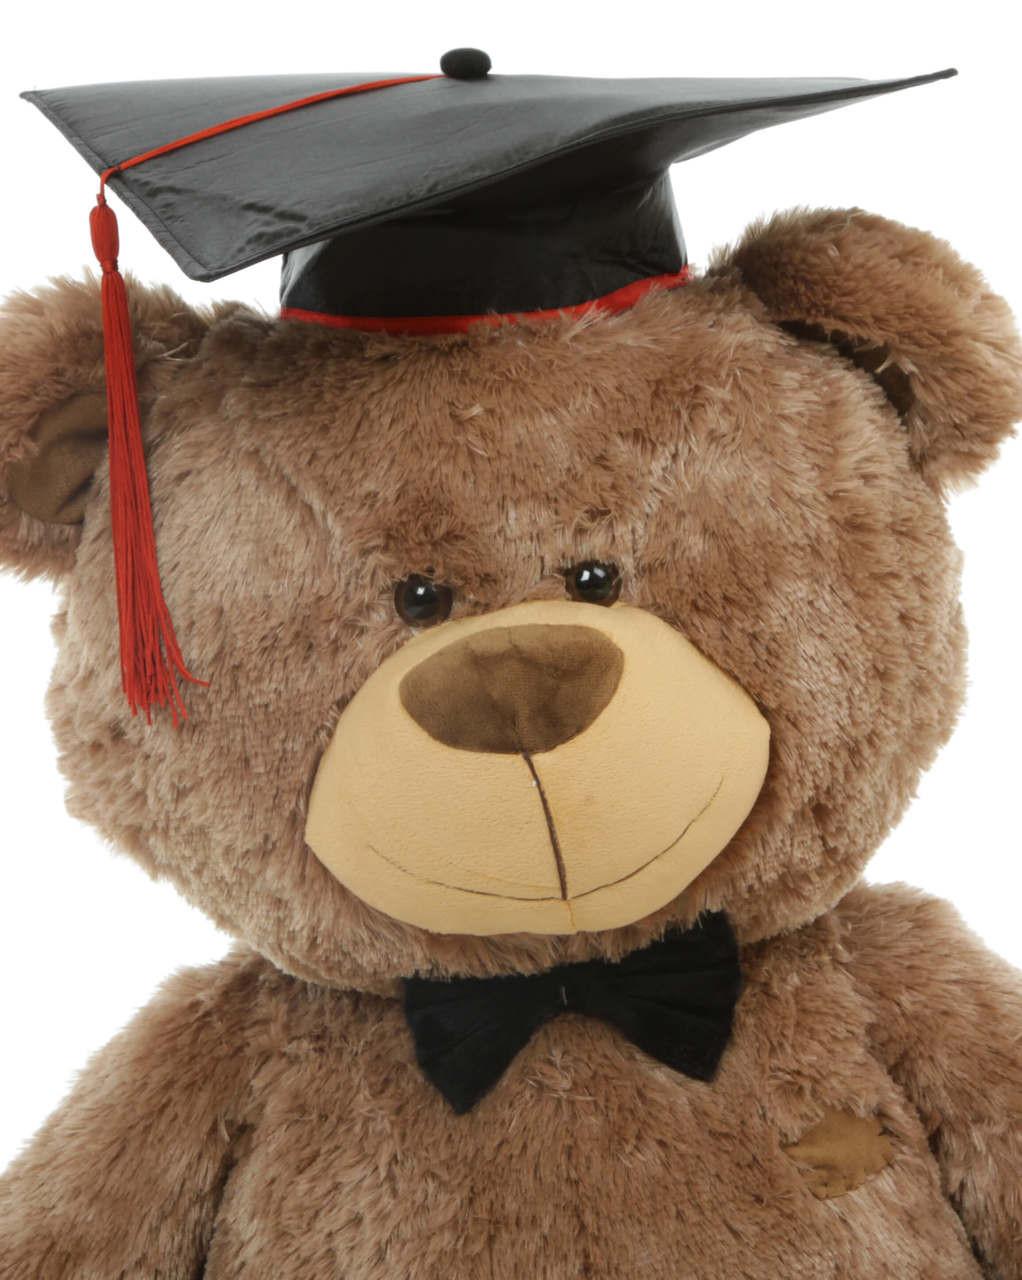 35 Inch Big Brown Shags Teddy Bear in Sitting Position - Graduation Gift